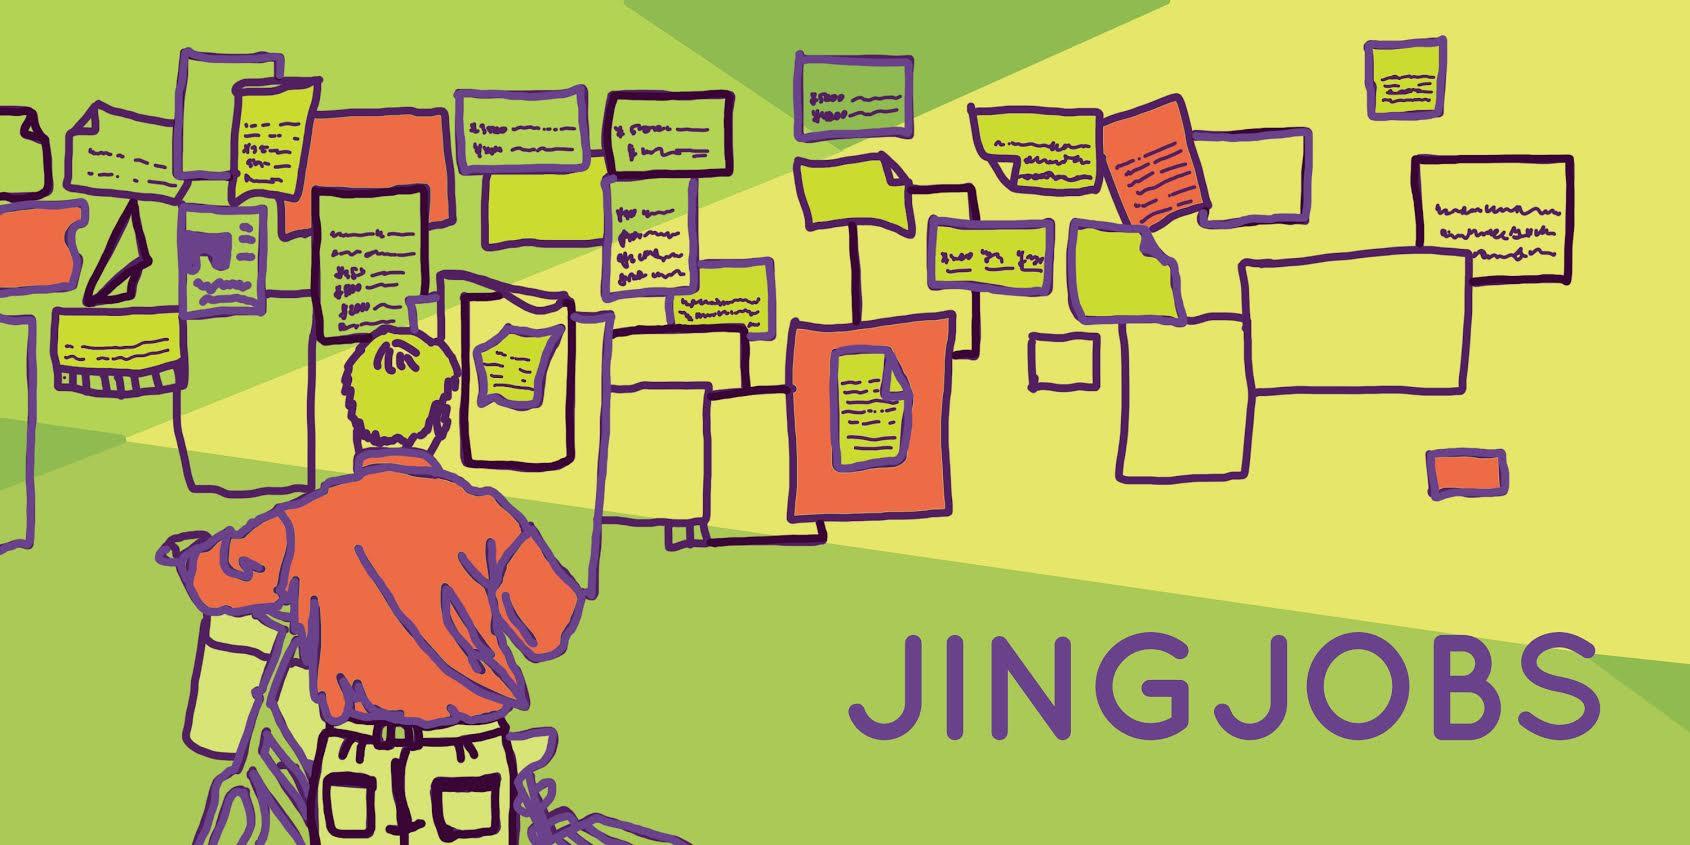 JingJobs find a job